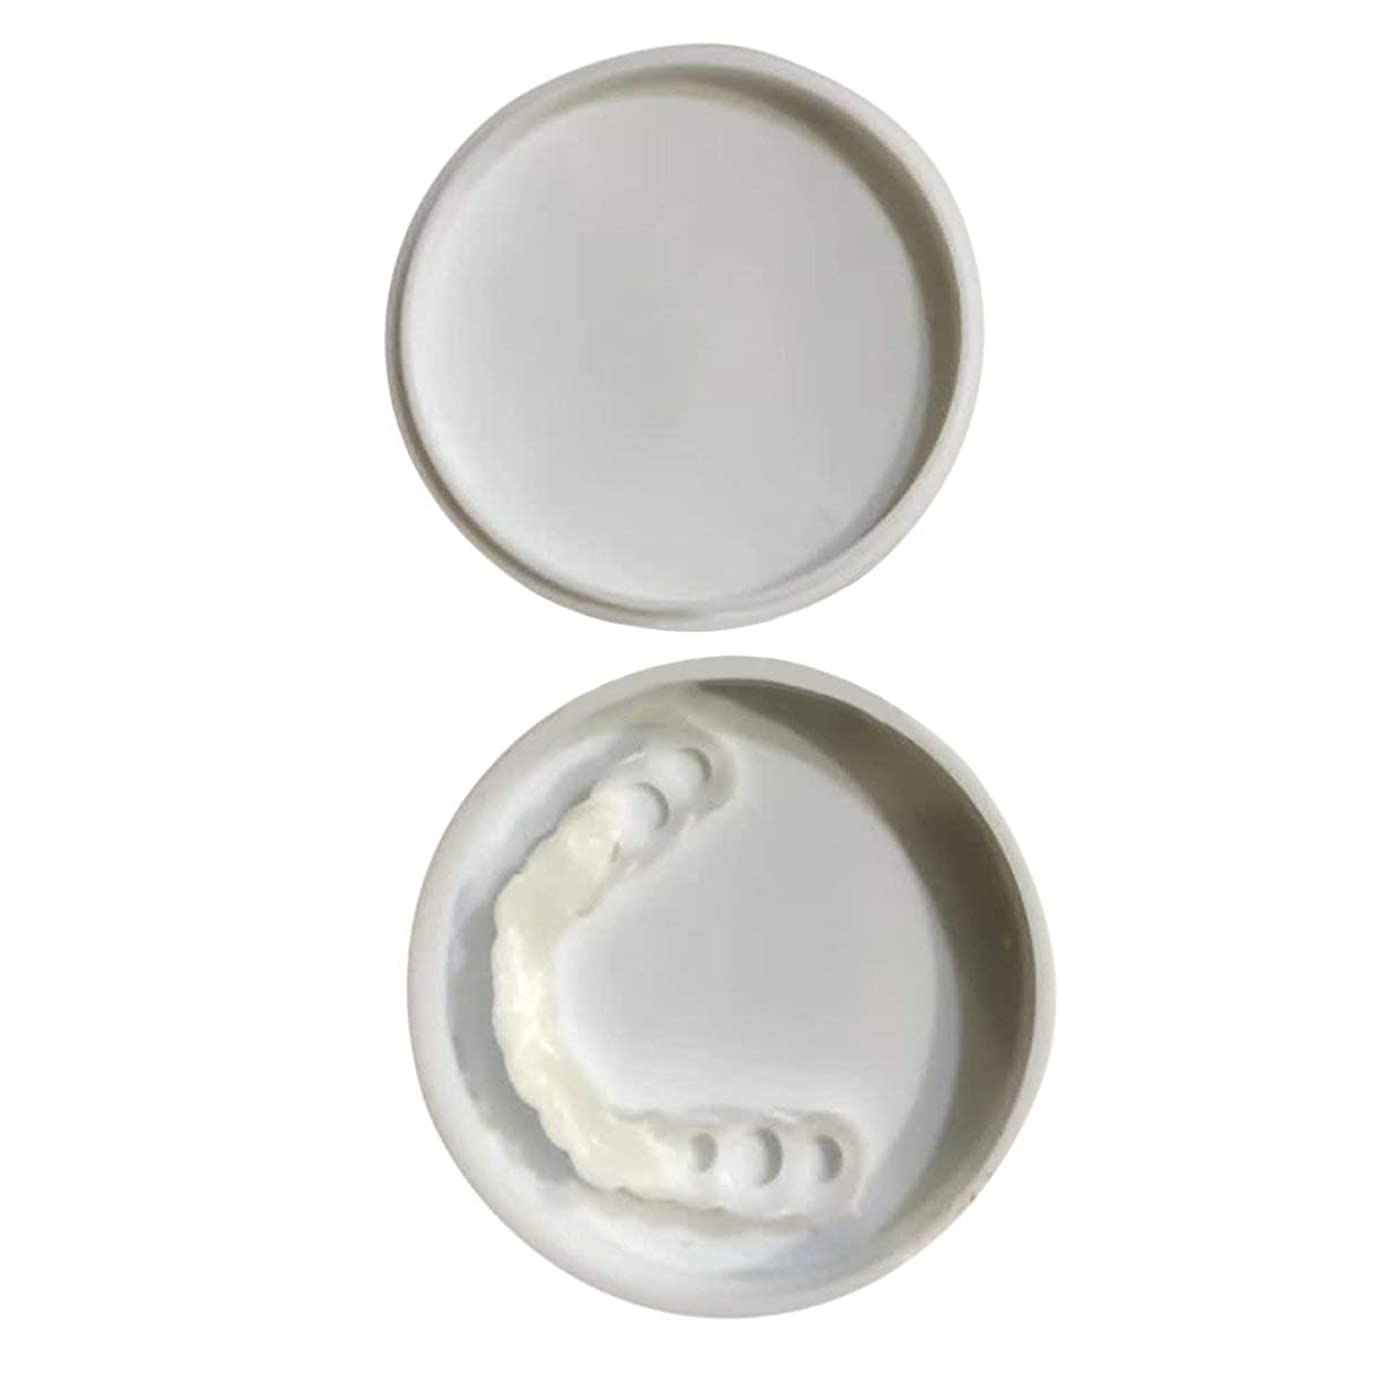 速報針ボタン快適なスナップオン男性女性歯インスタントパーフェクトスマイルコンフォートフィットフレックス歯フィットホワイトニング笑顔偽歯カバー - ホワイト